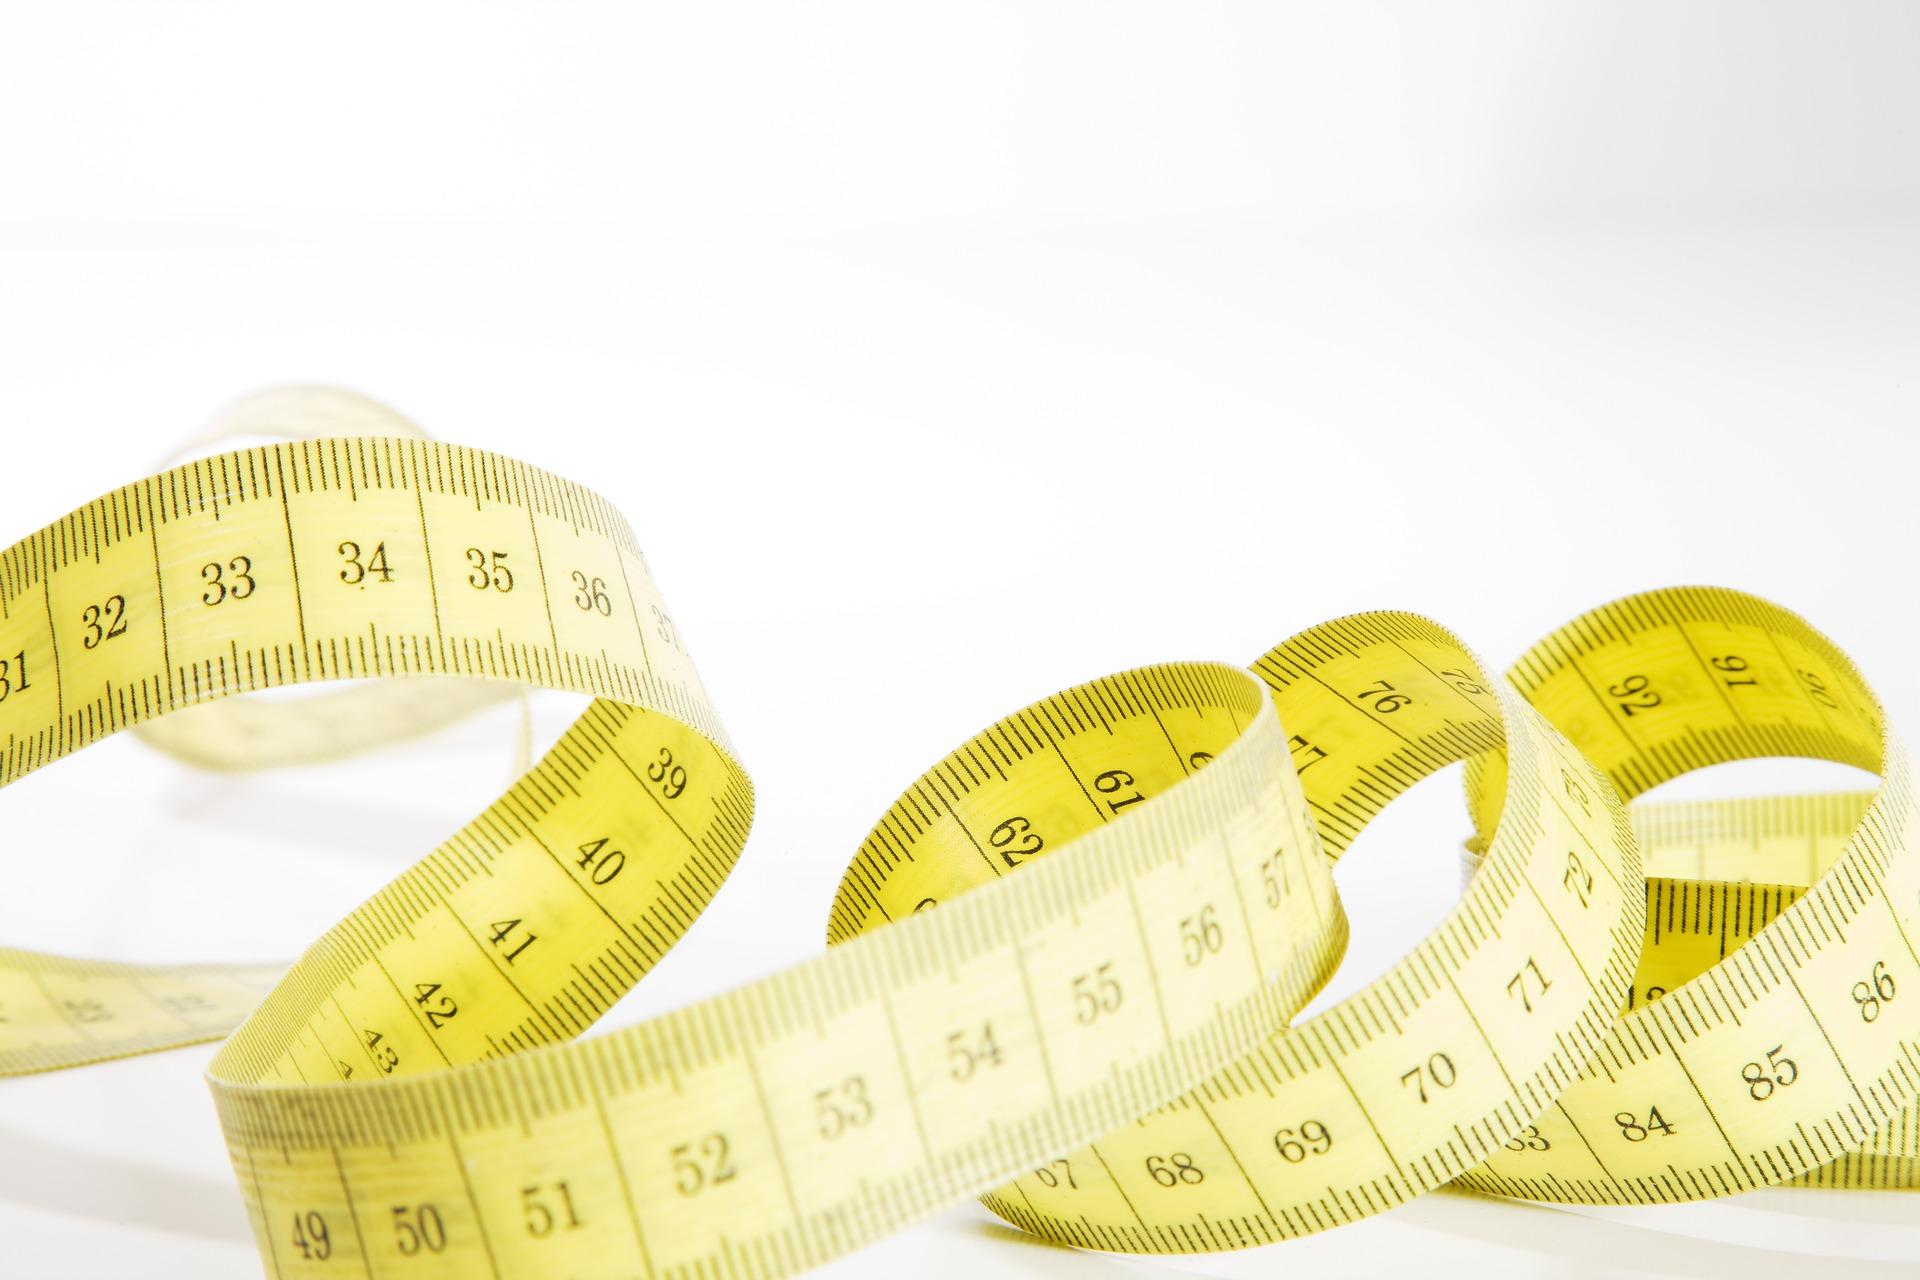 Measuring Corporate Culture